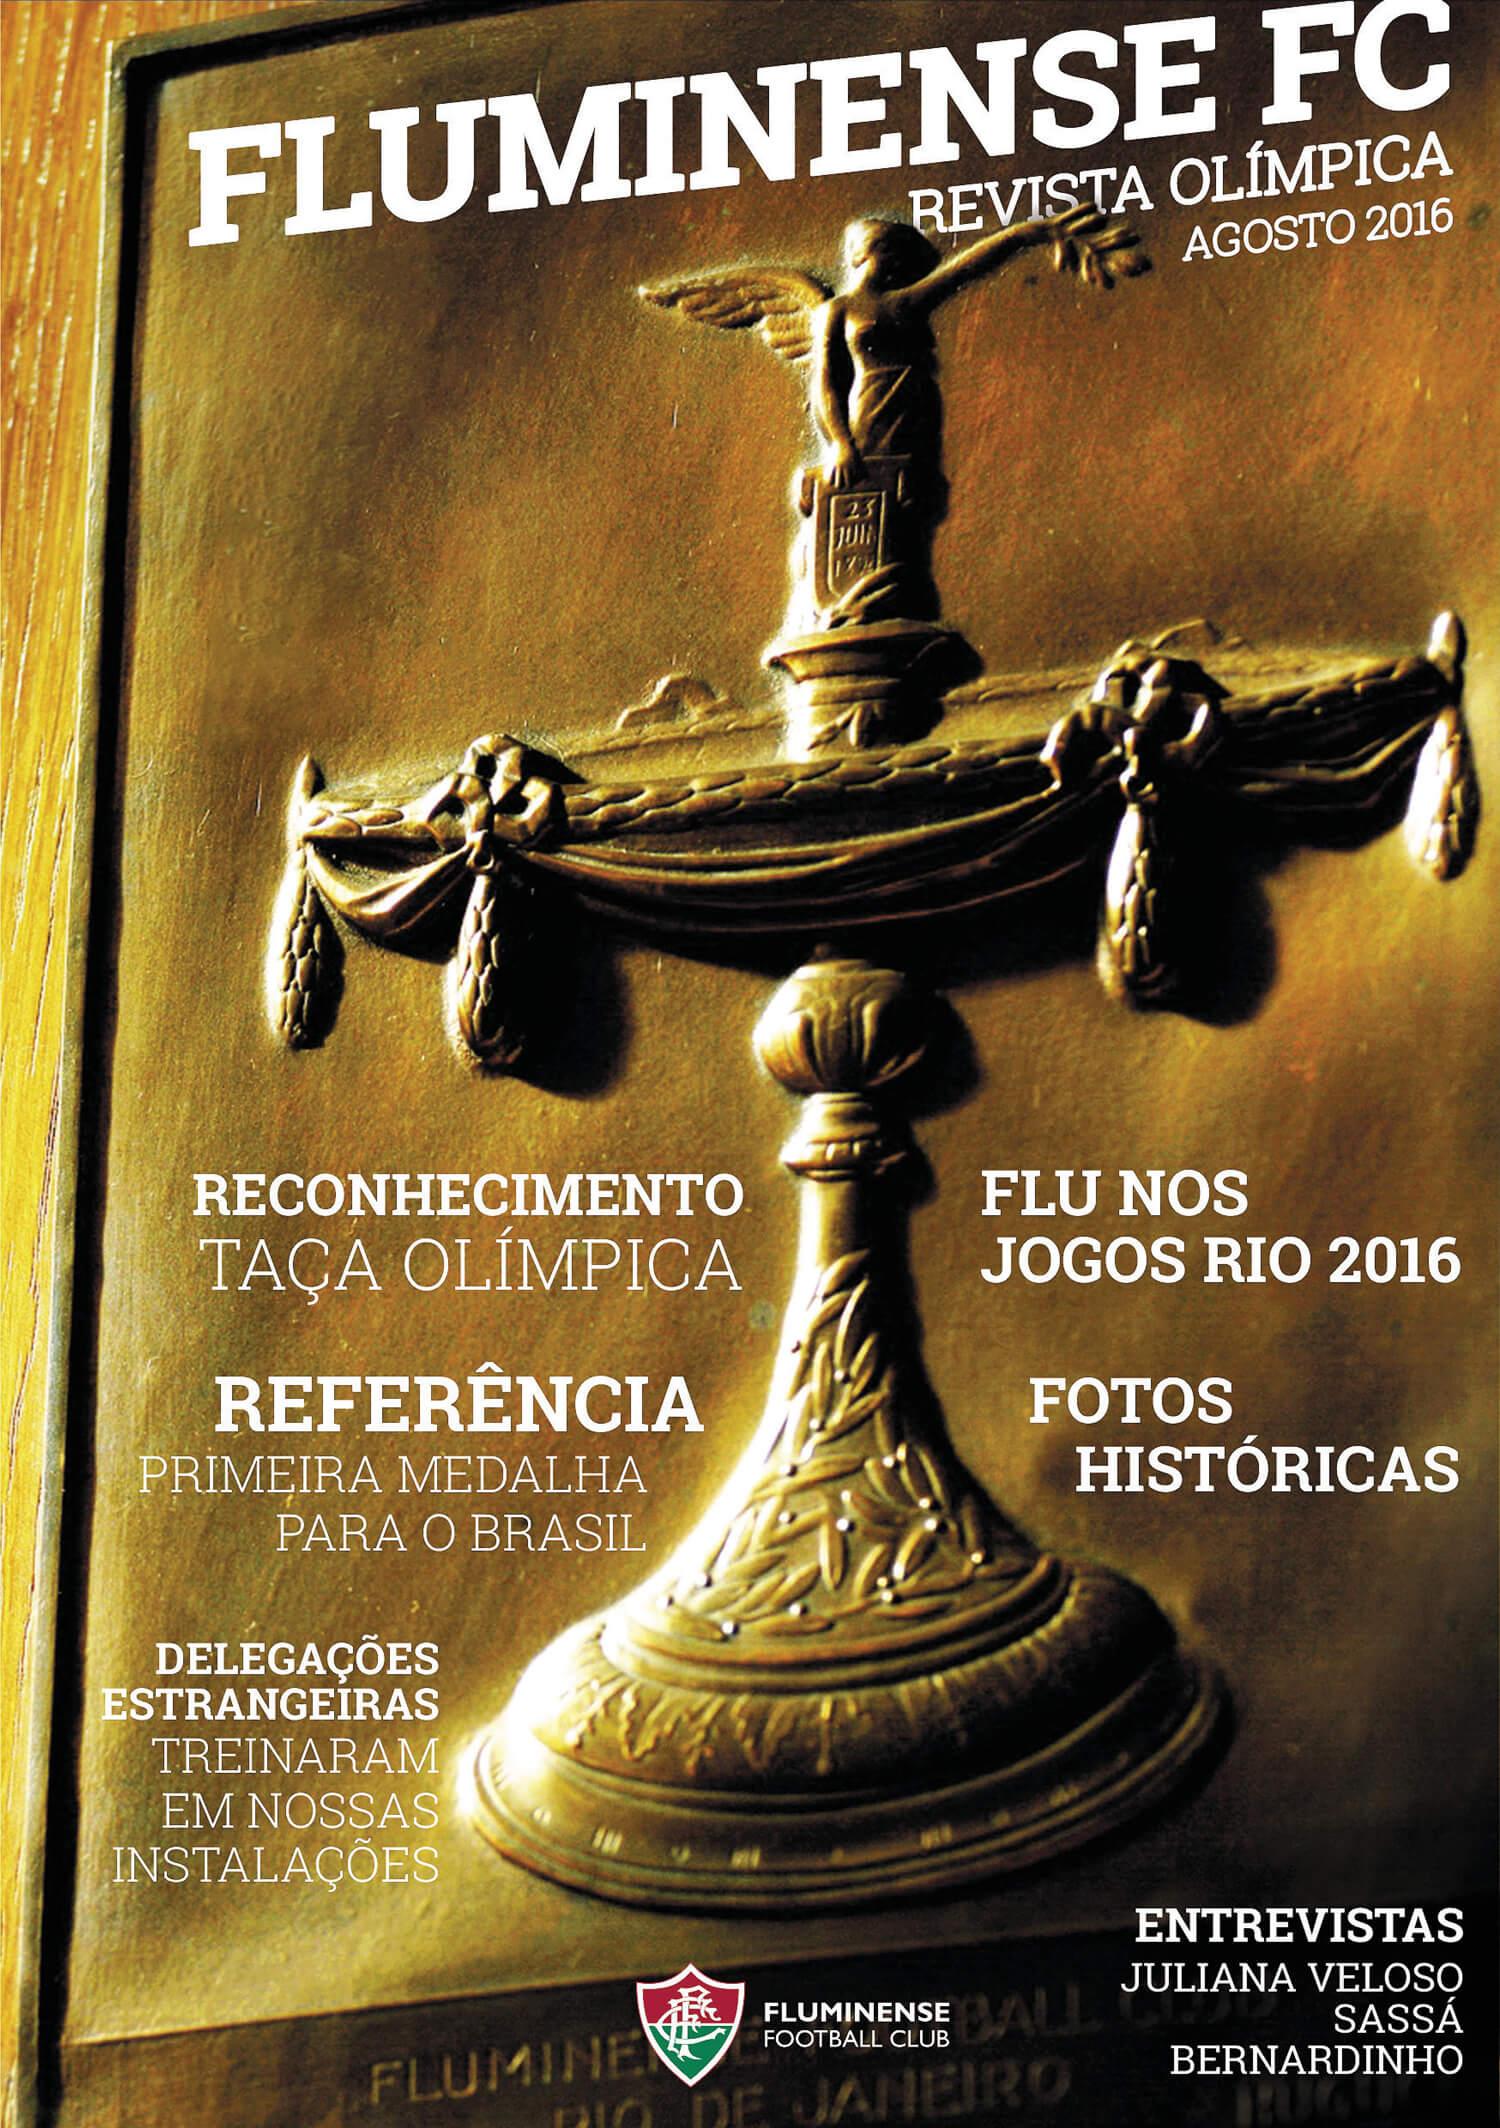 Revista Olimpica - Parte 1